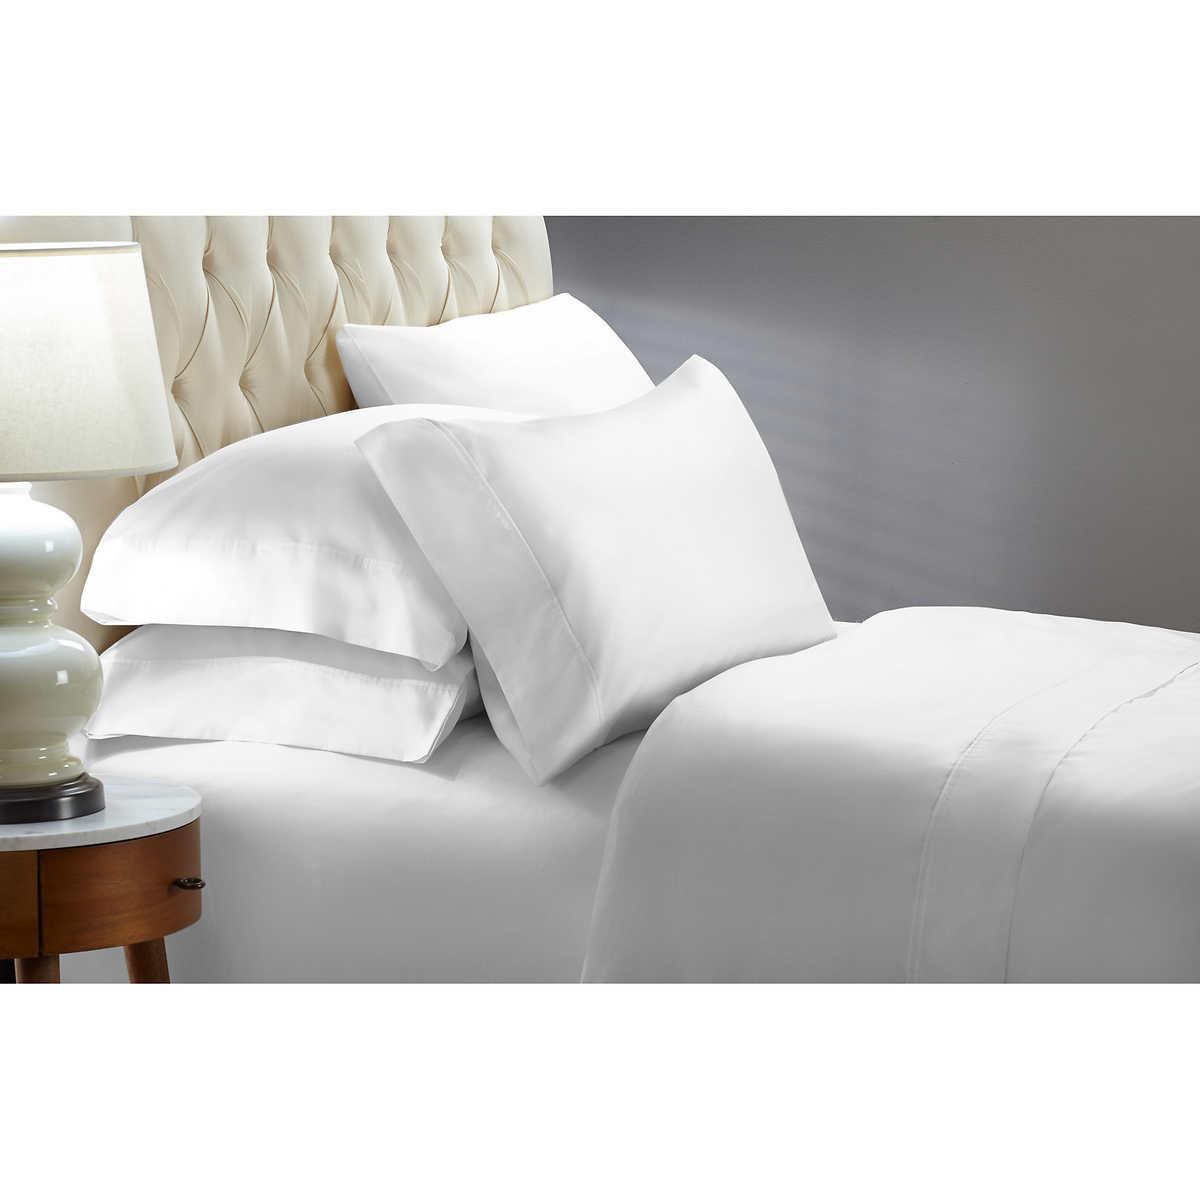 charisma bedding | costco